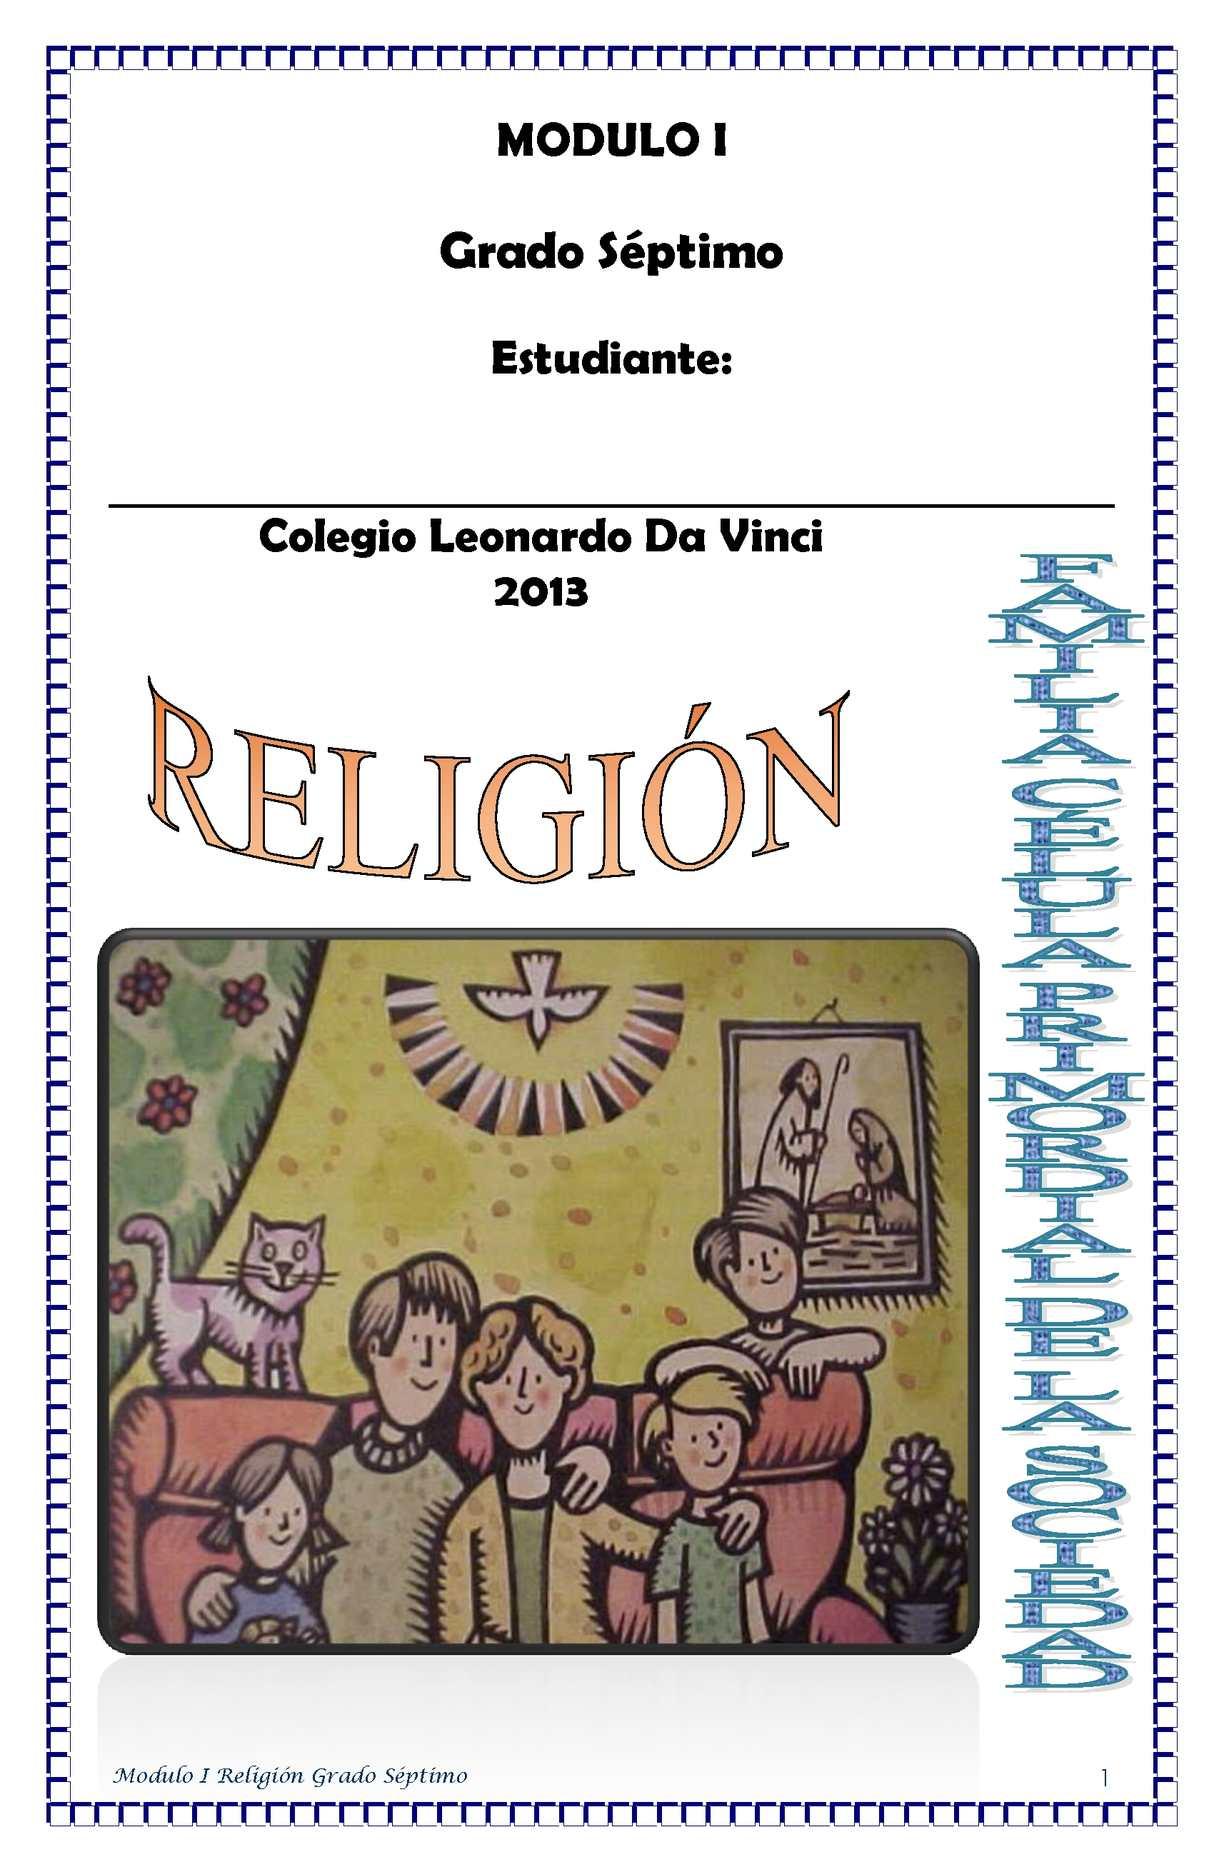 Calaméo Religión Módulo 1